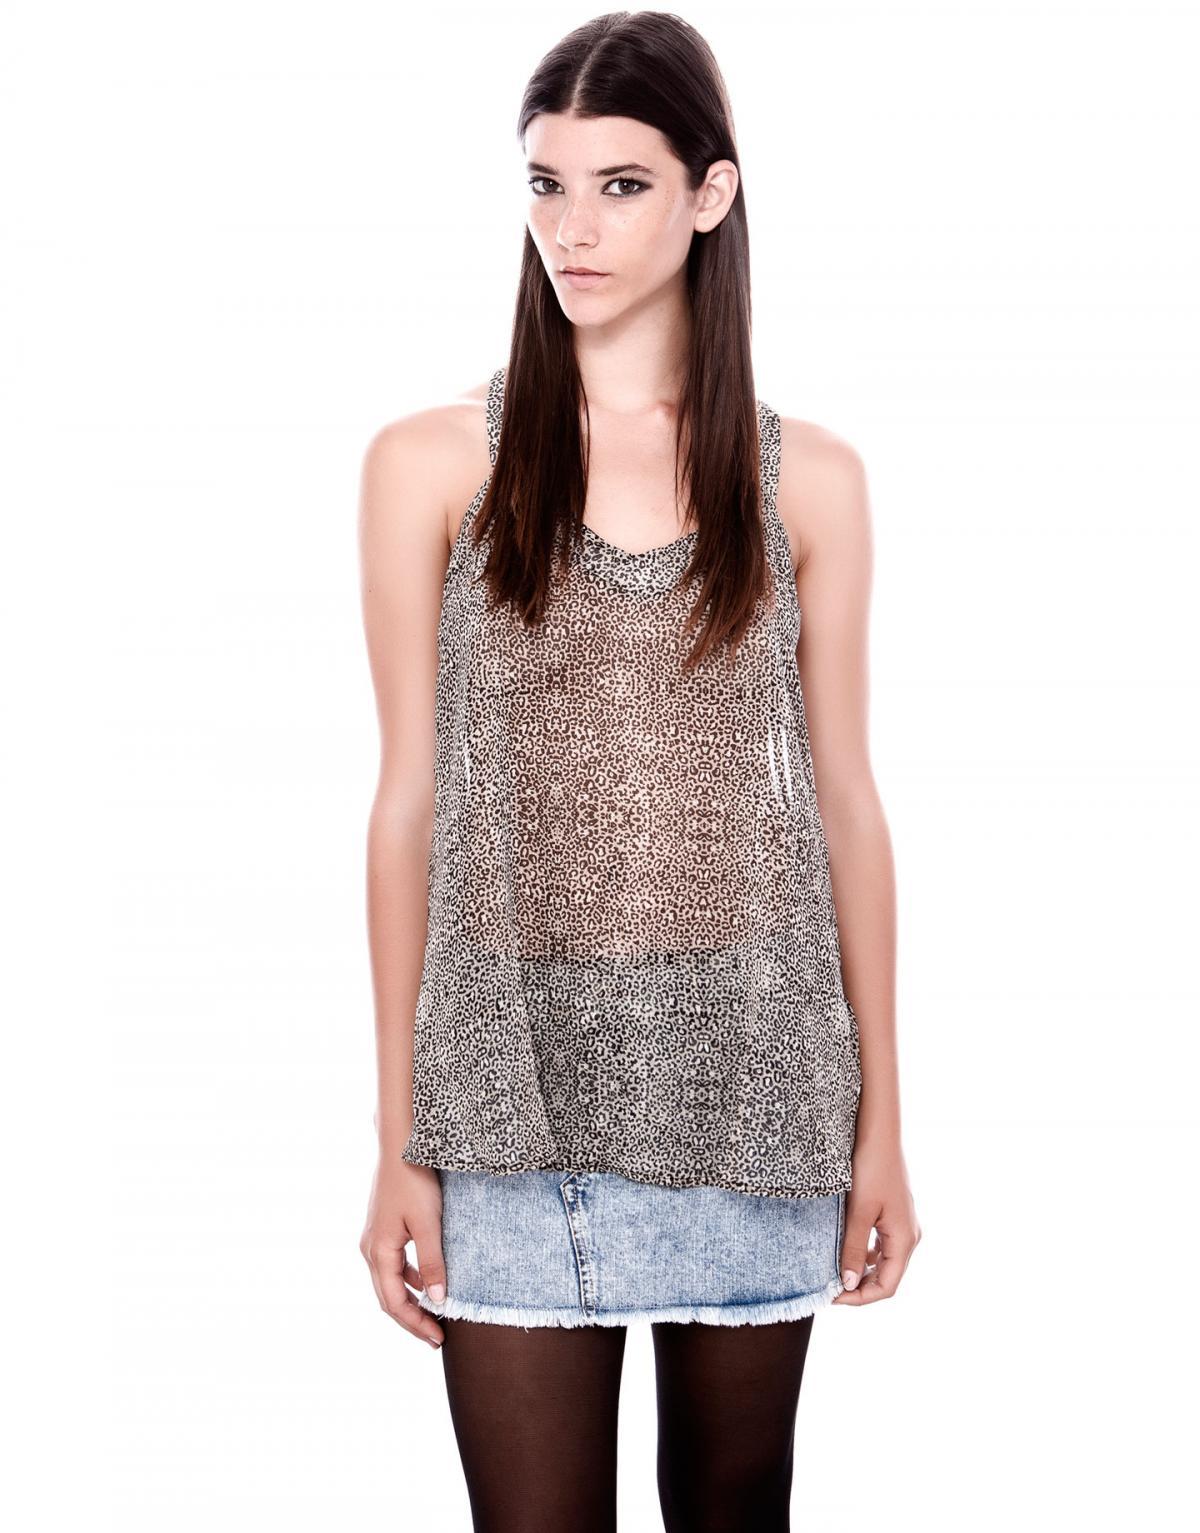 8a4b533567c93 prześwitująca koszula Pull and Bear - jesienna moda - Koszule i ...